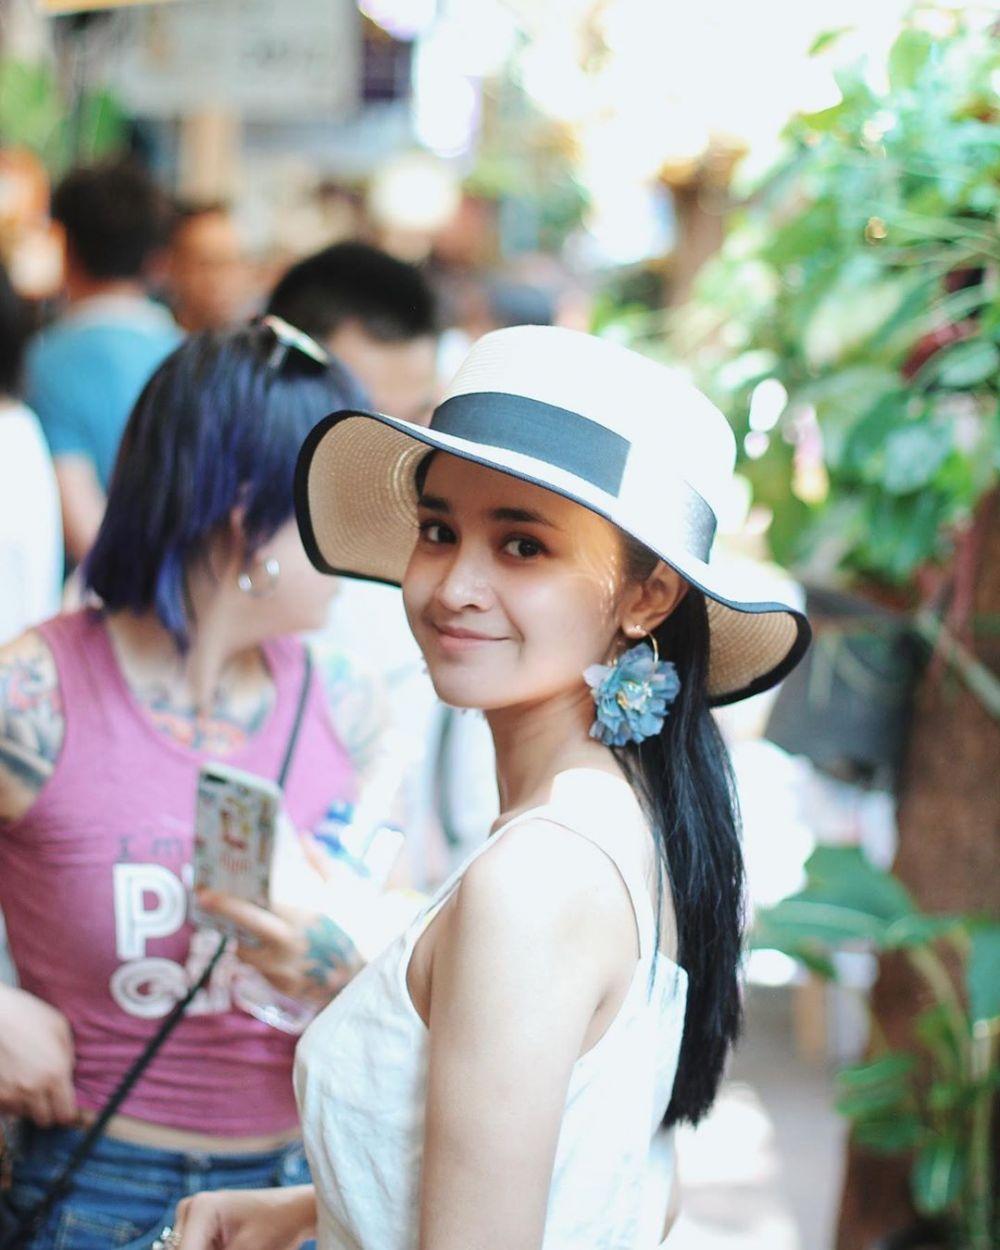 10 Potret Manis Michelle Ziudith yang Masih Cocok Perankan Anak SMA